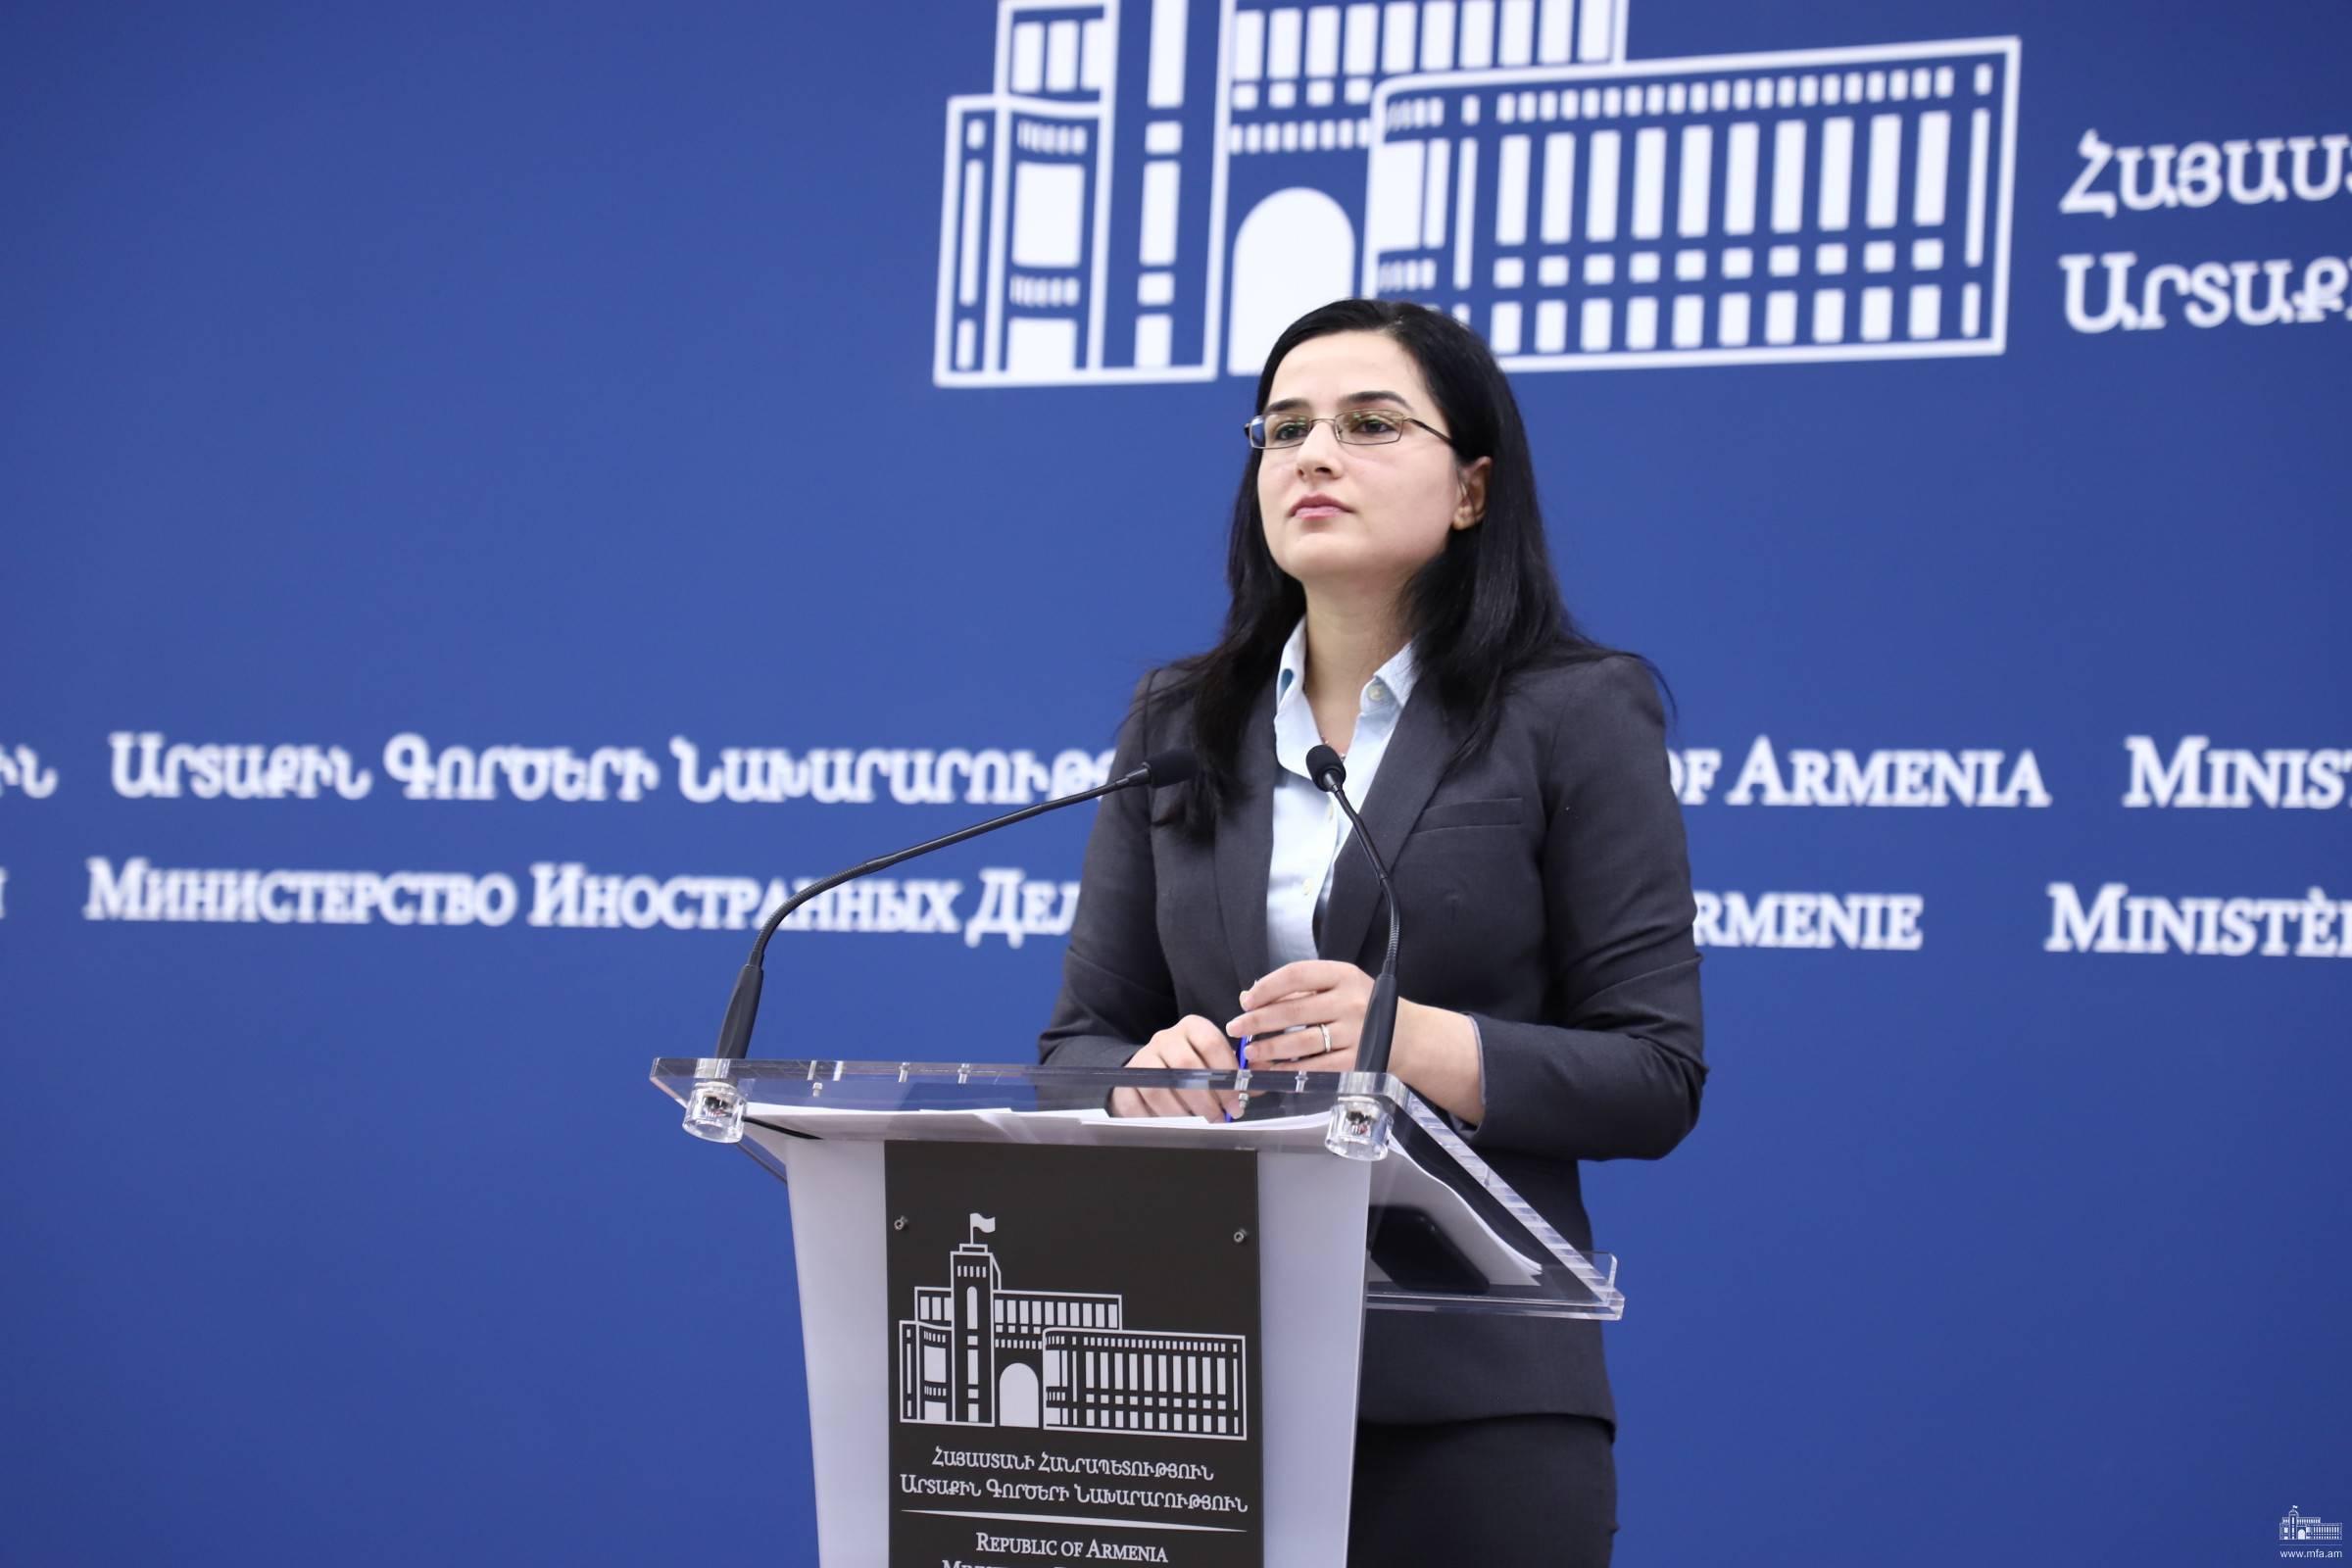 Ответ пресс-секретаря МИД Армении на вопрос информационного агентства «Aysor.am» относительно обострения ситуации на армяно-азербайджанской границе